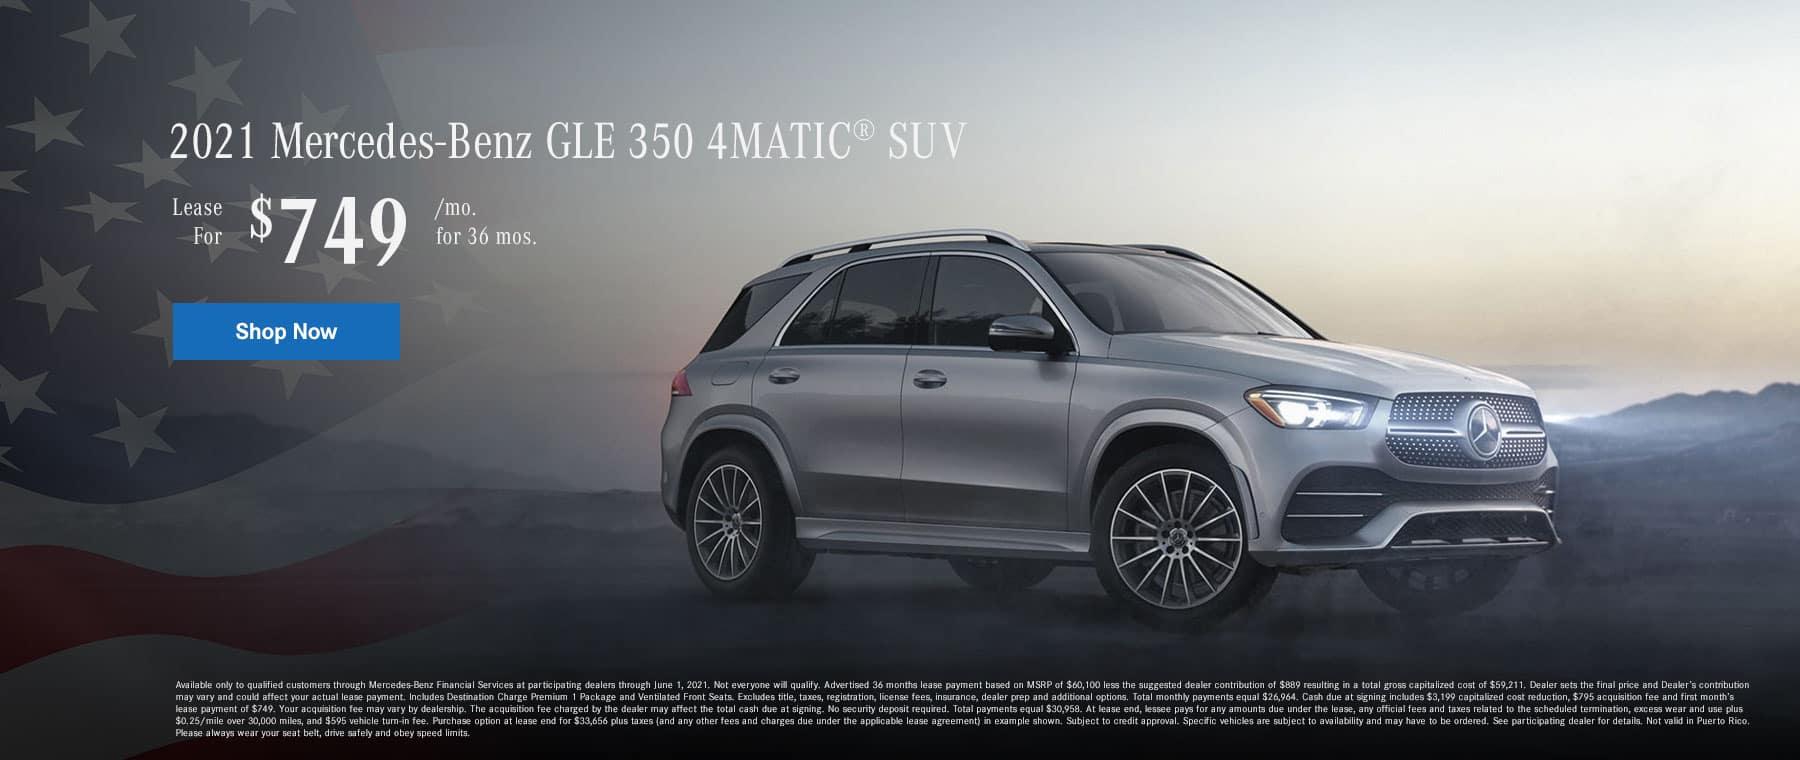 2021 GLE 350 4MATIC SUV